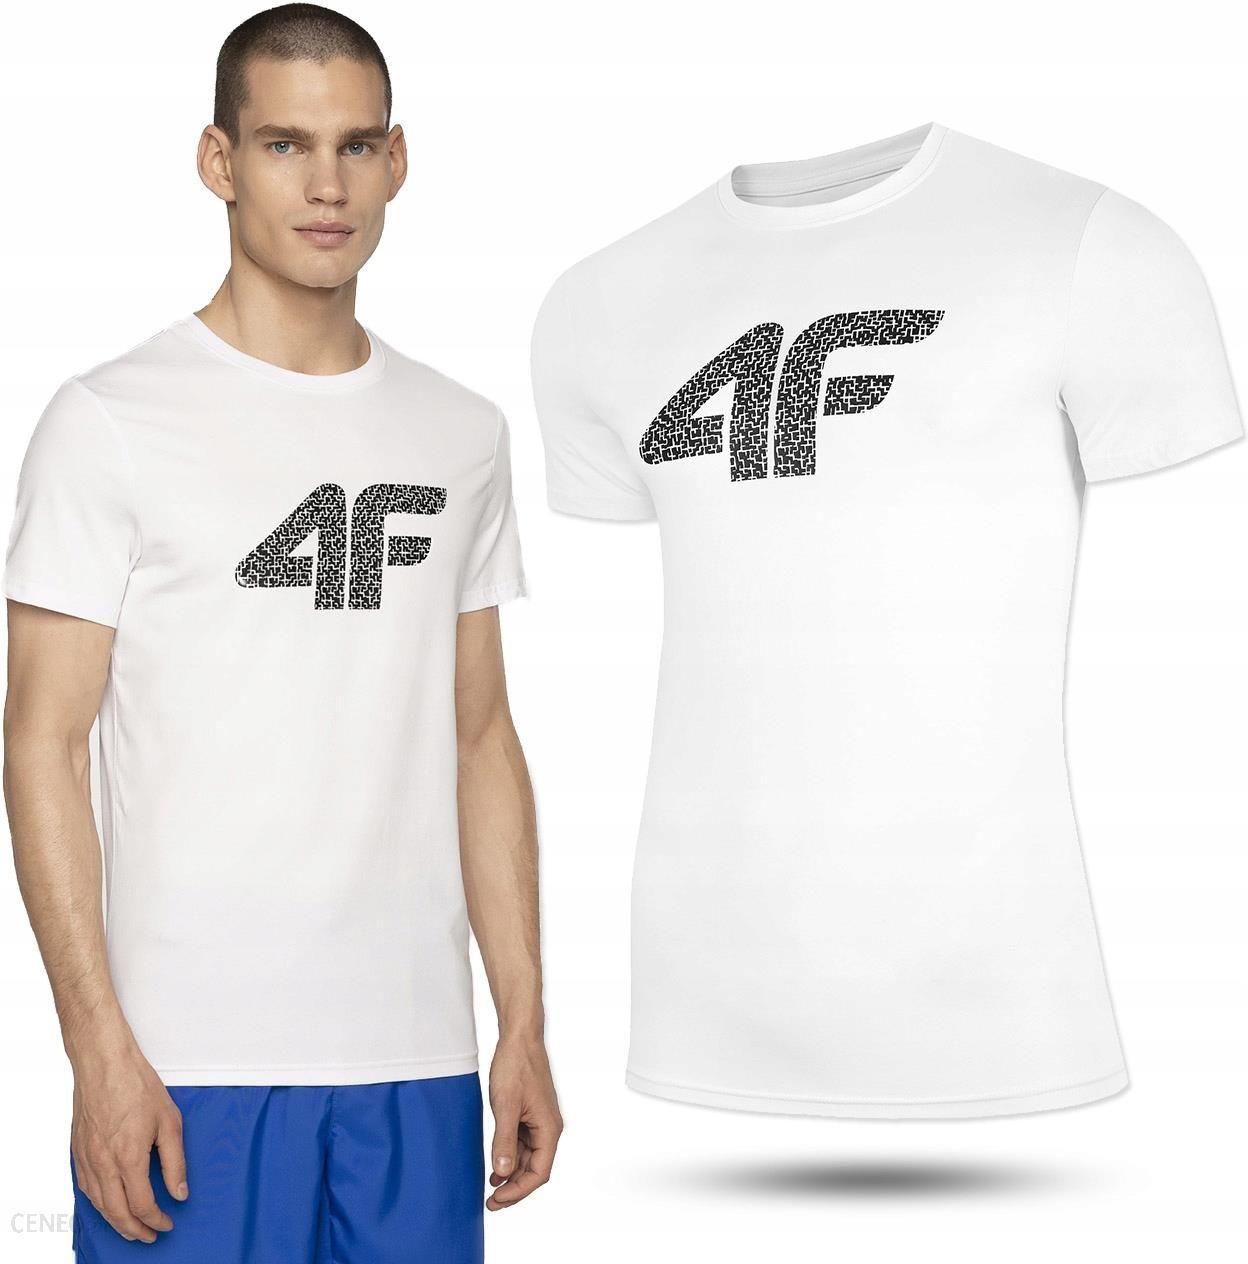 Koszulka Męska 4F TSM020 t shirt biały bawełniana Ceny i opinie Ceneo.pl